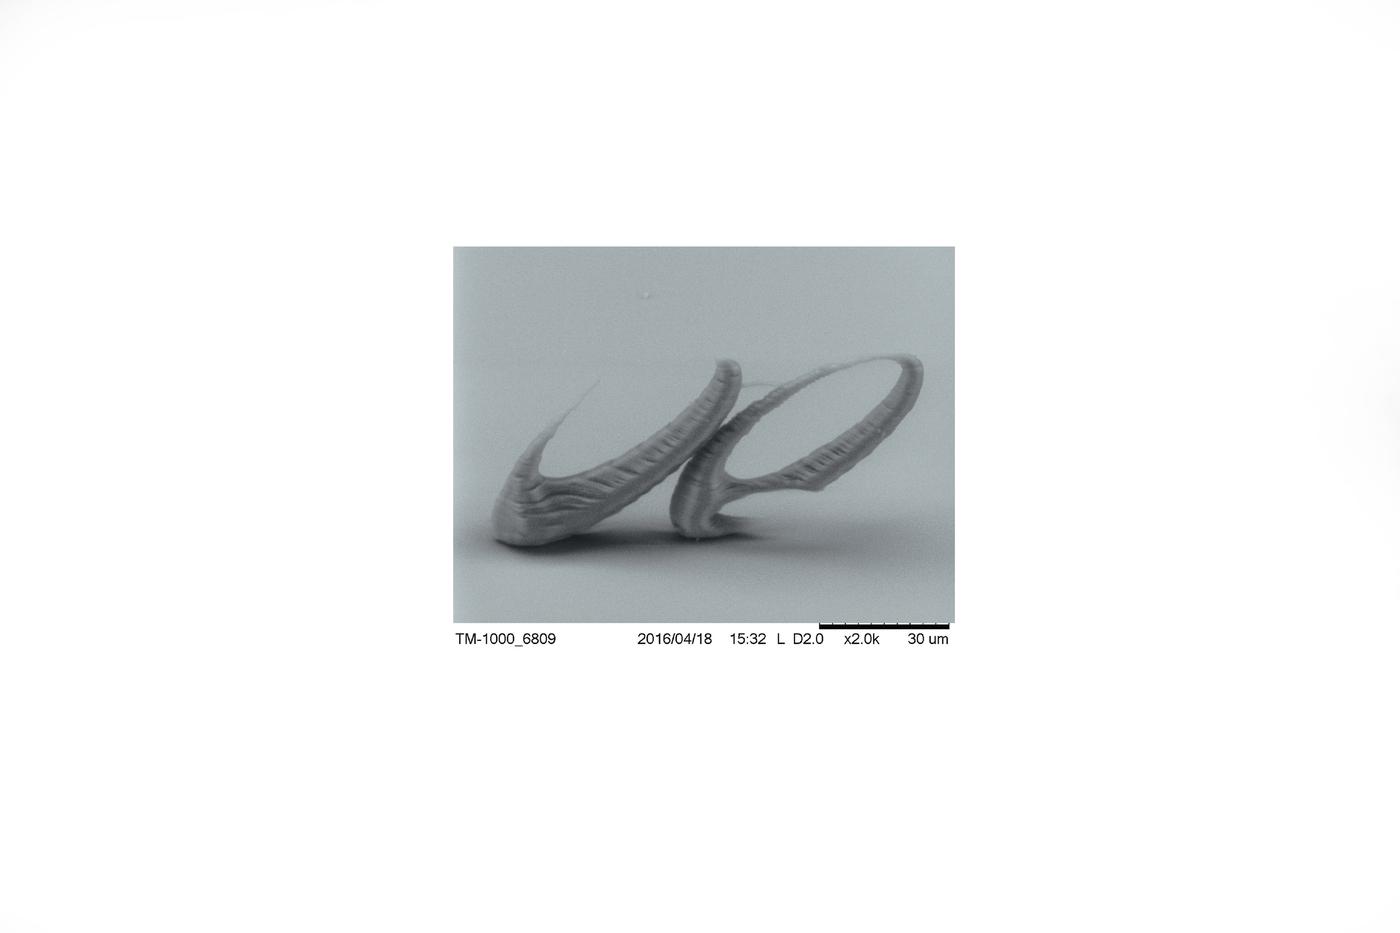 24-Pakui-Hardware-Vanilla-Eyes-Ugnius-Gelguda-Neringa-Cerniauskaite-mumok-2016-nano-sculpture